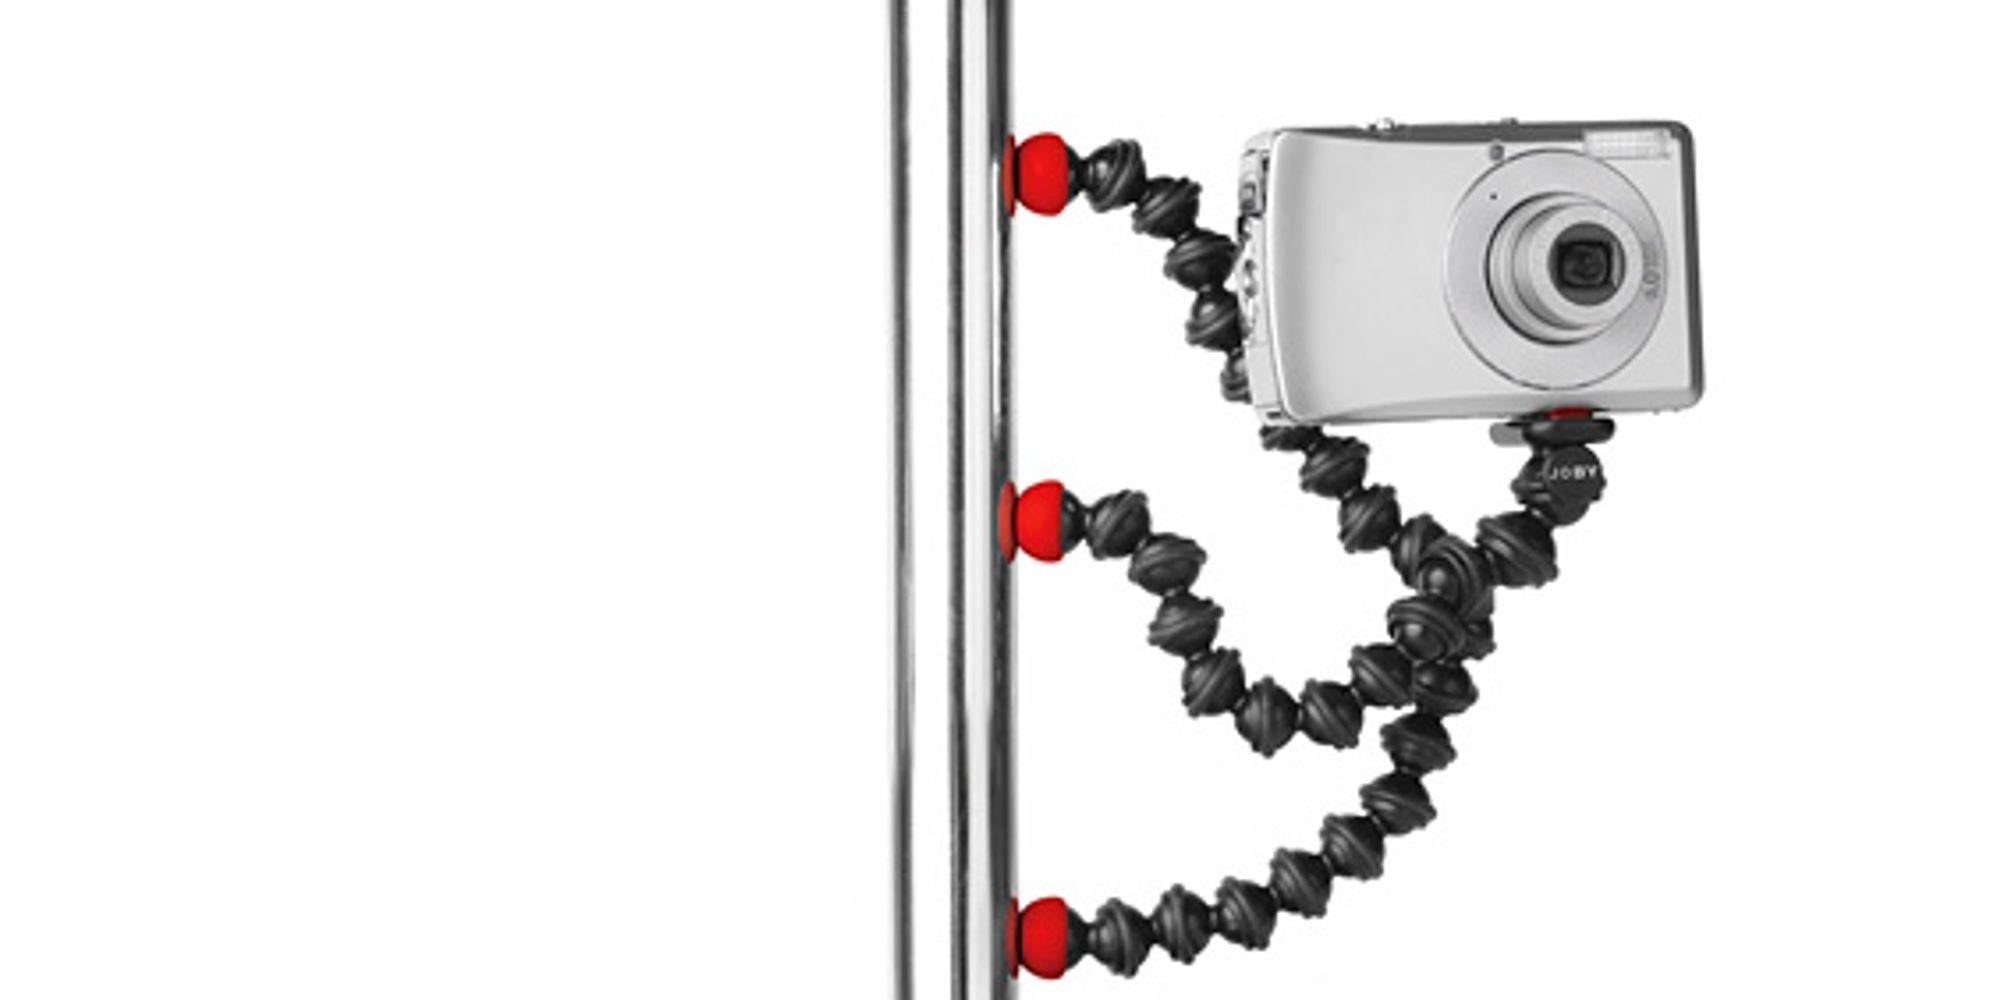 Gorillapod Magnetic muliggjør vertikal plassering av stativ. (Foto: Joby)